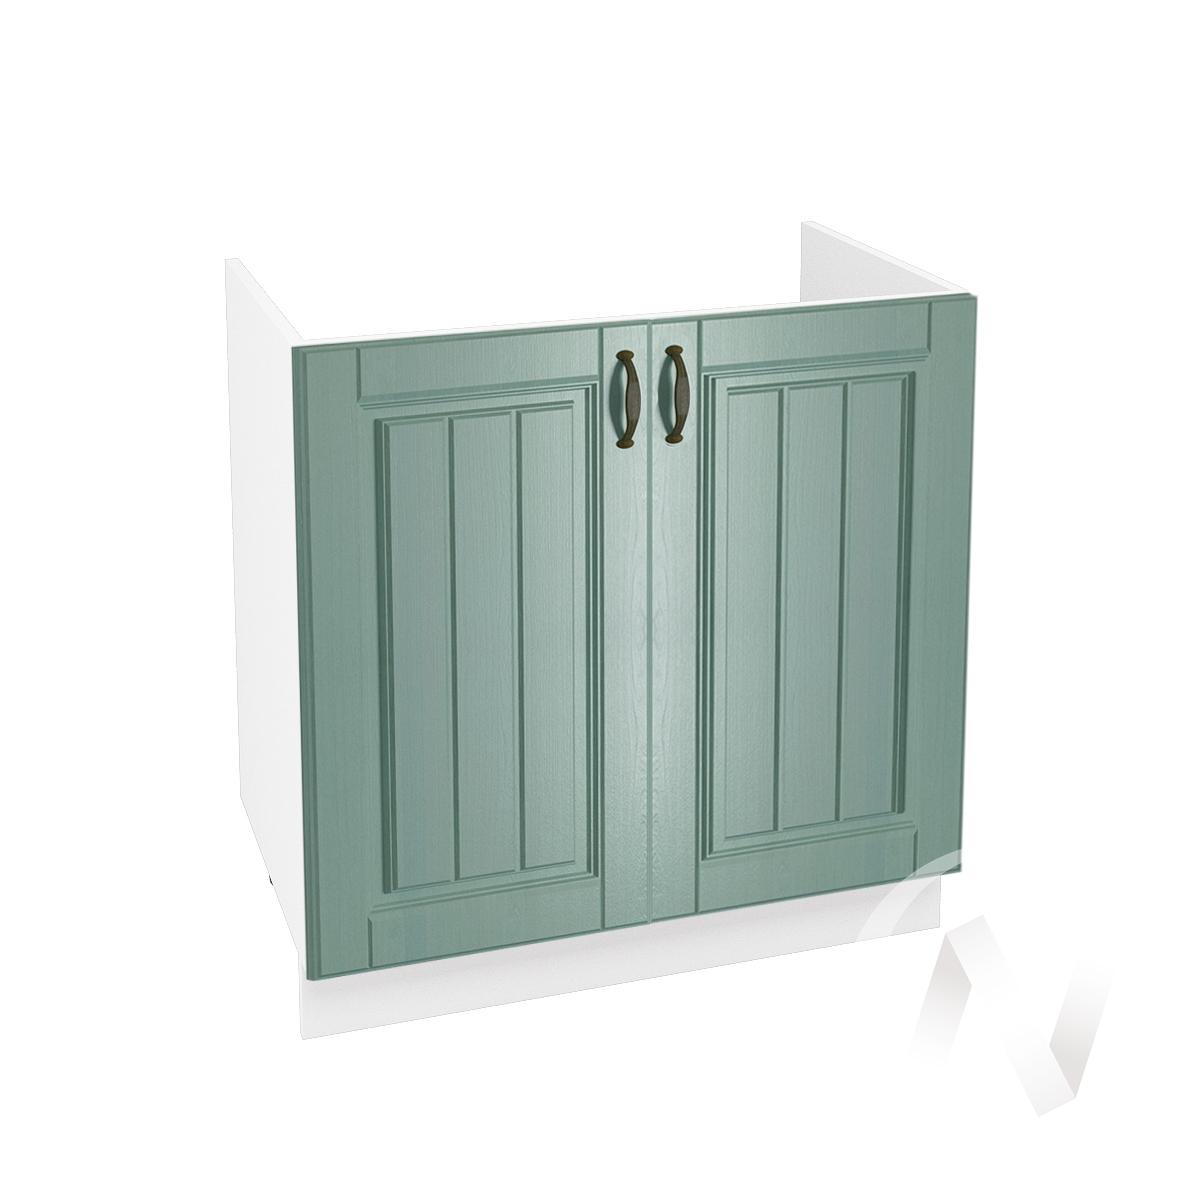 """Кухня """"Прованс"""": Шкаф нижний под мойку 800, ШНМ 800 (корпус белый)"""